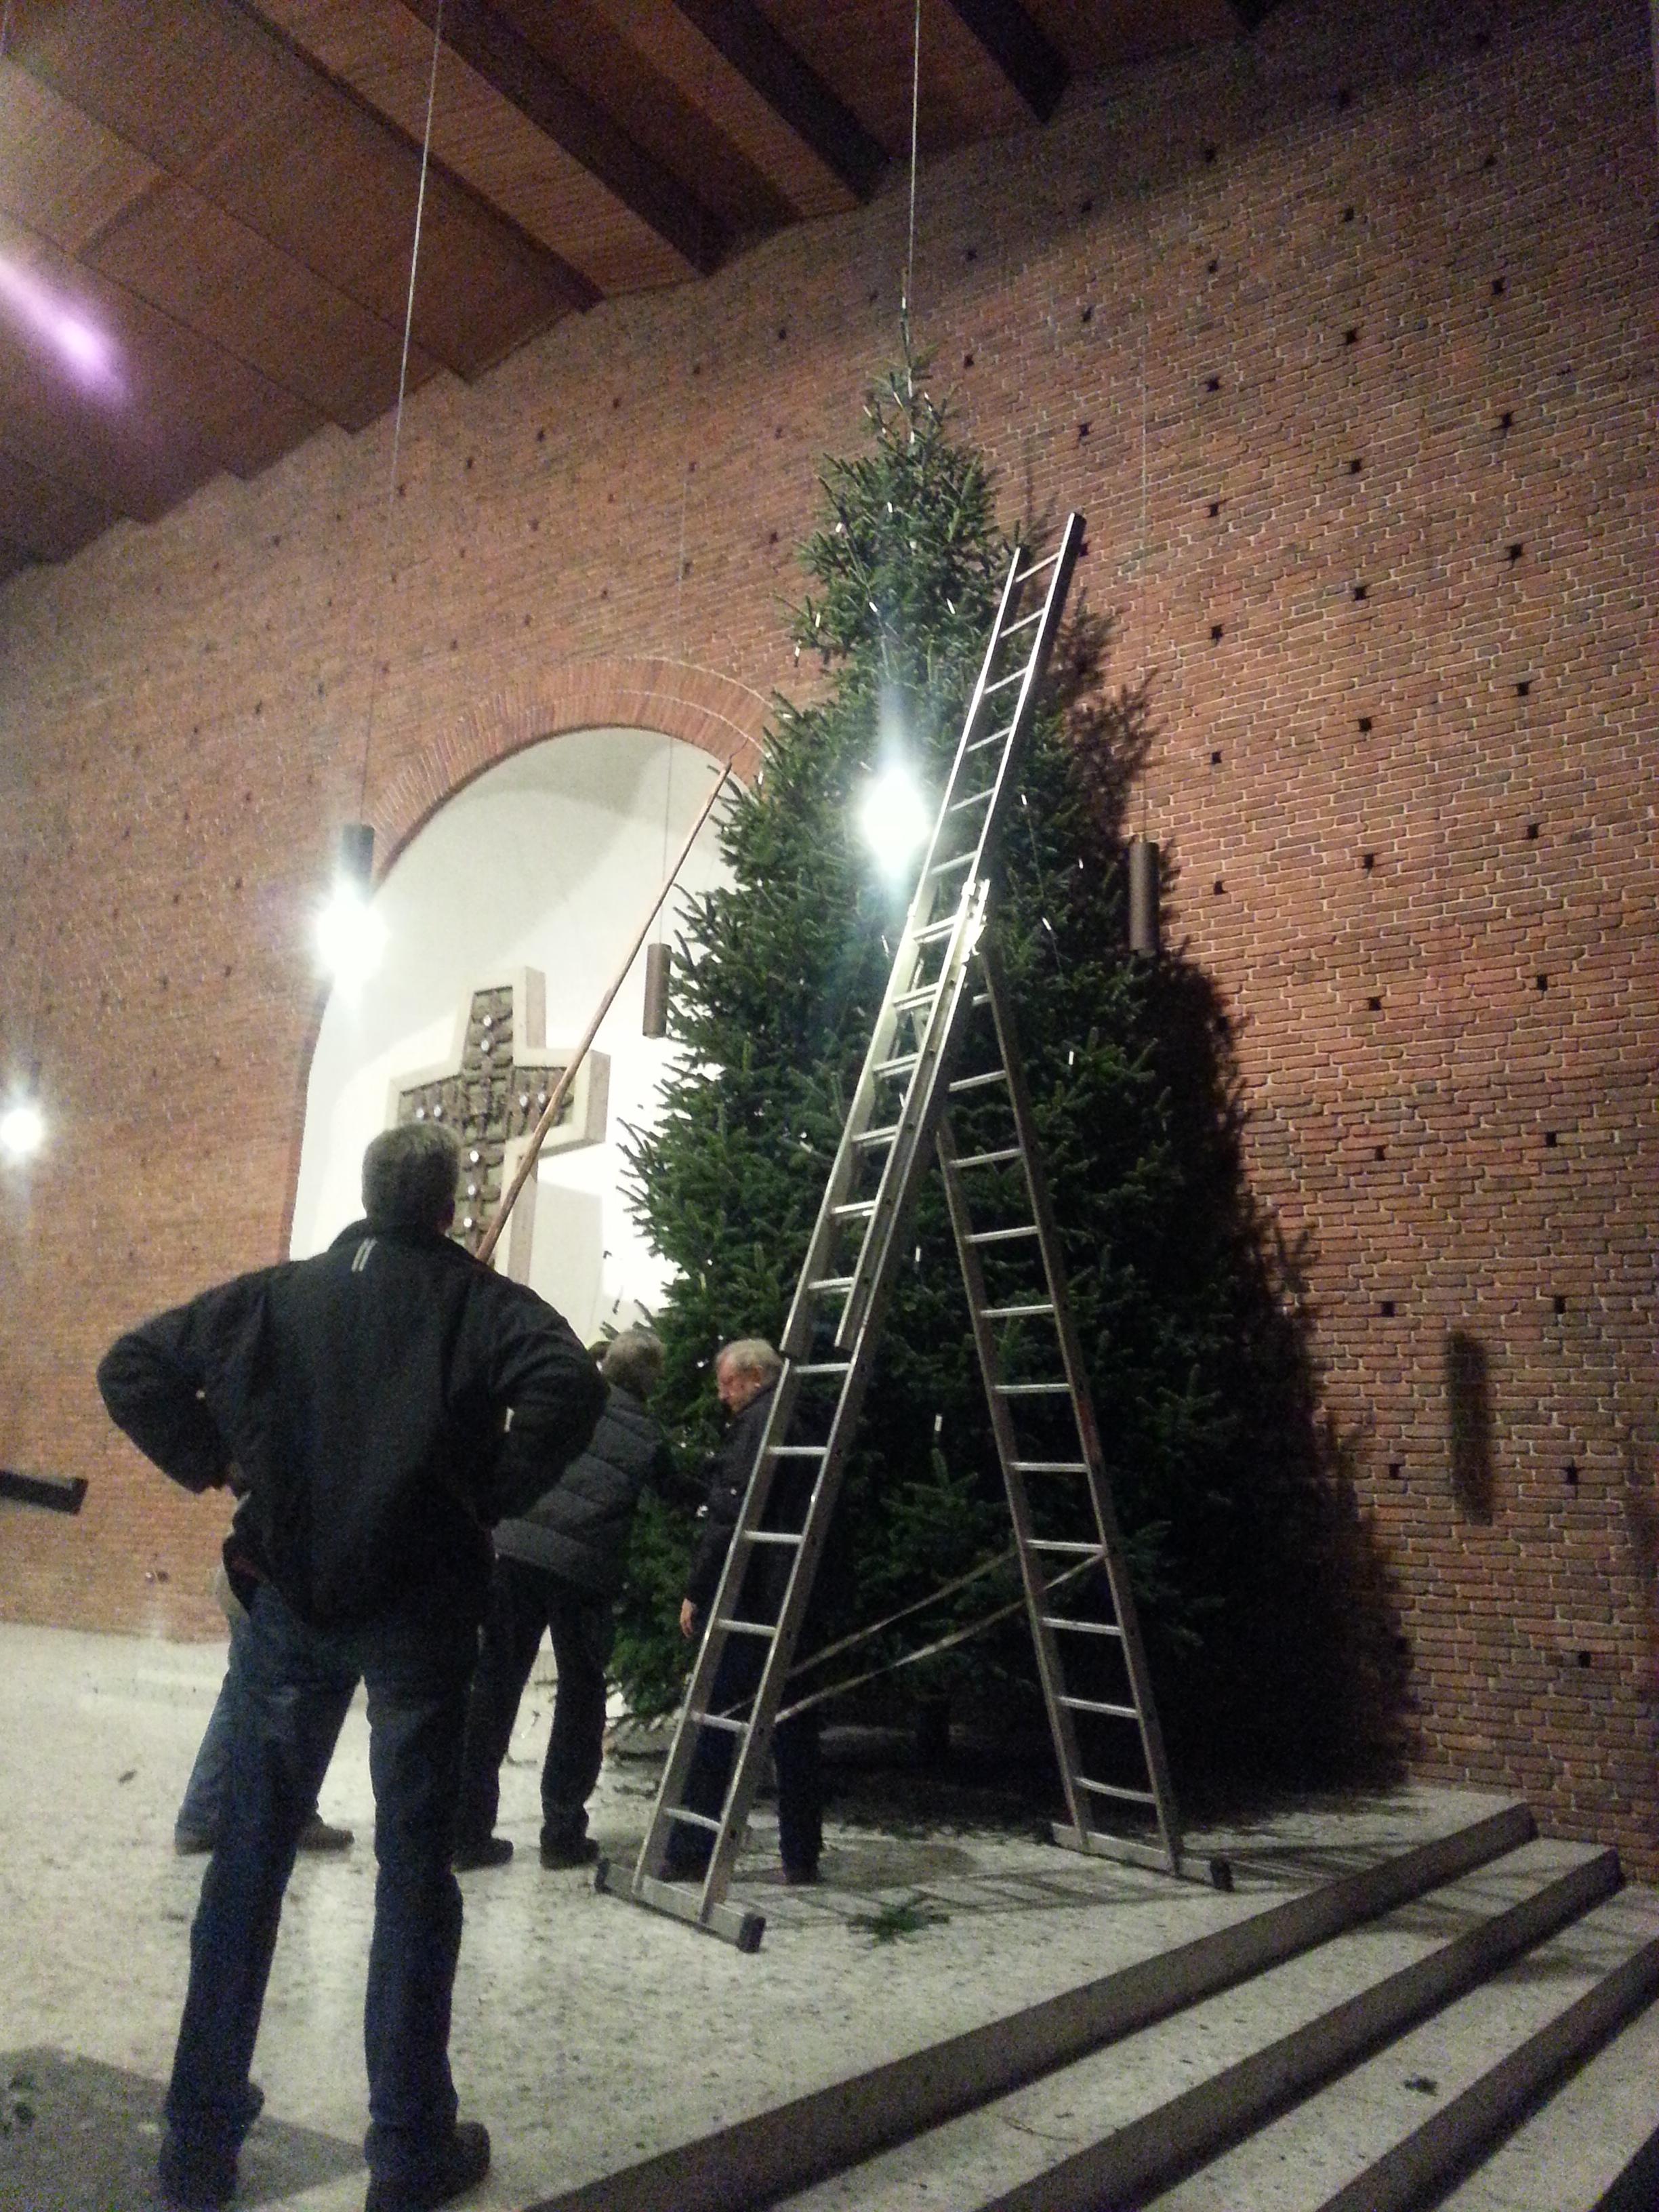 Größter Tannenbaum.Größter Tannenbaum Aller Zeiten Pfarreiengemeinschaft Herzlake Und